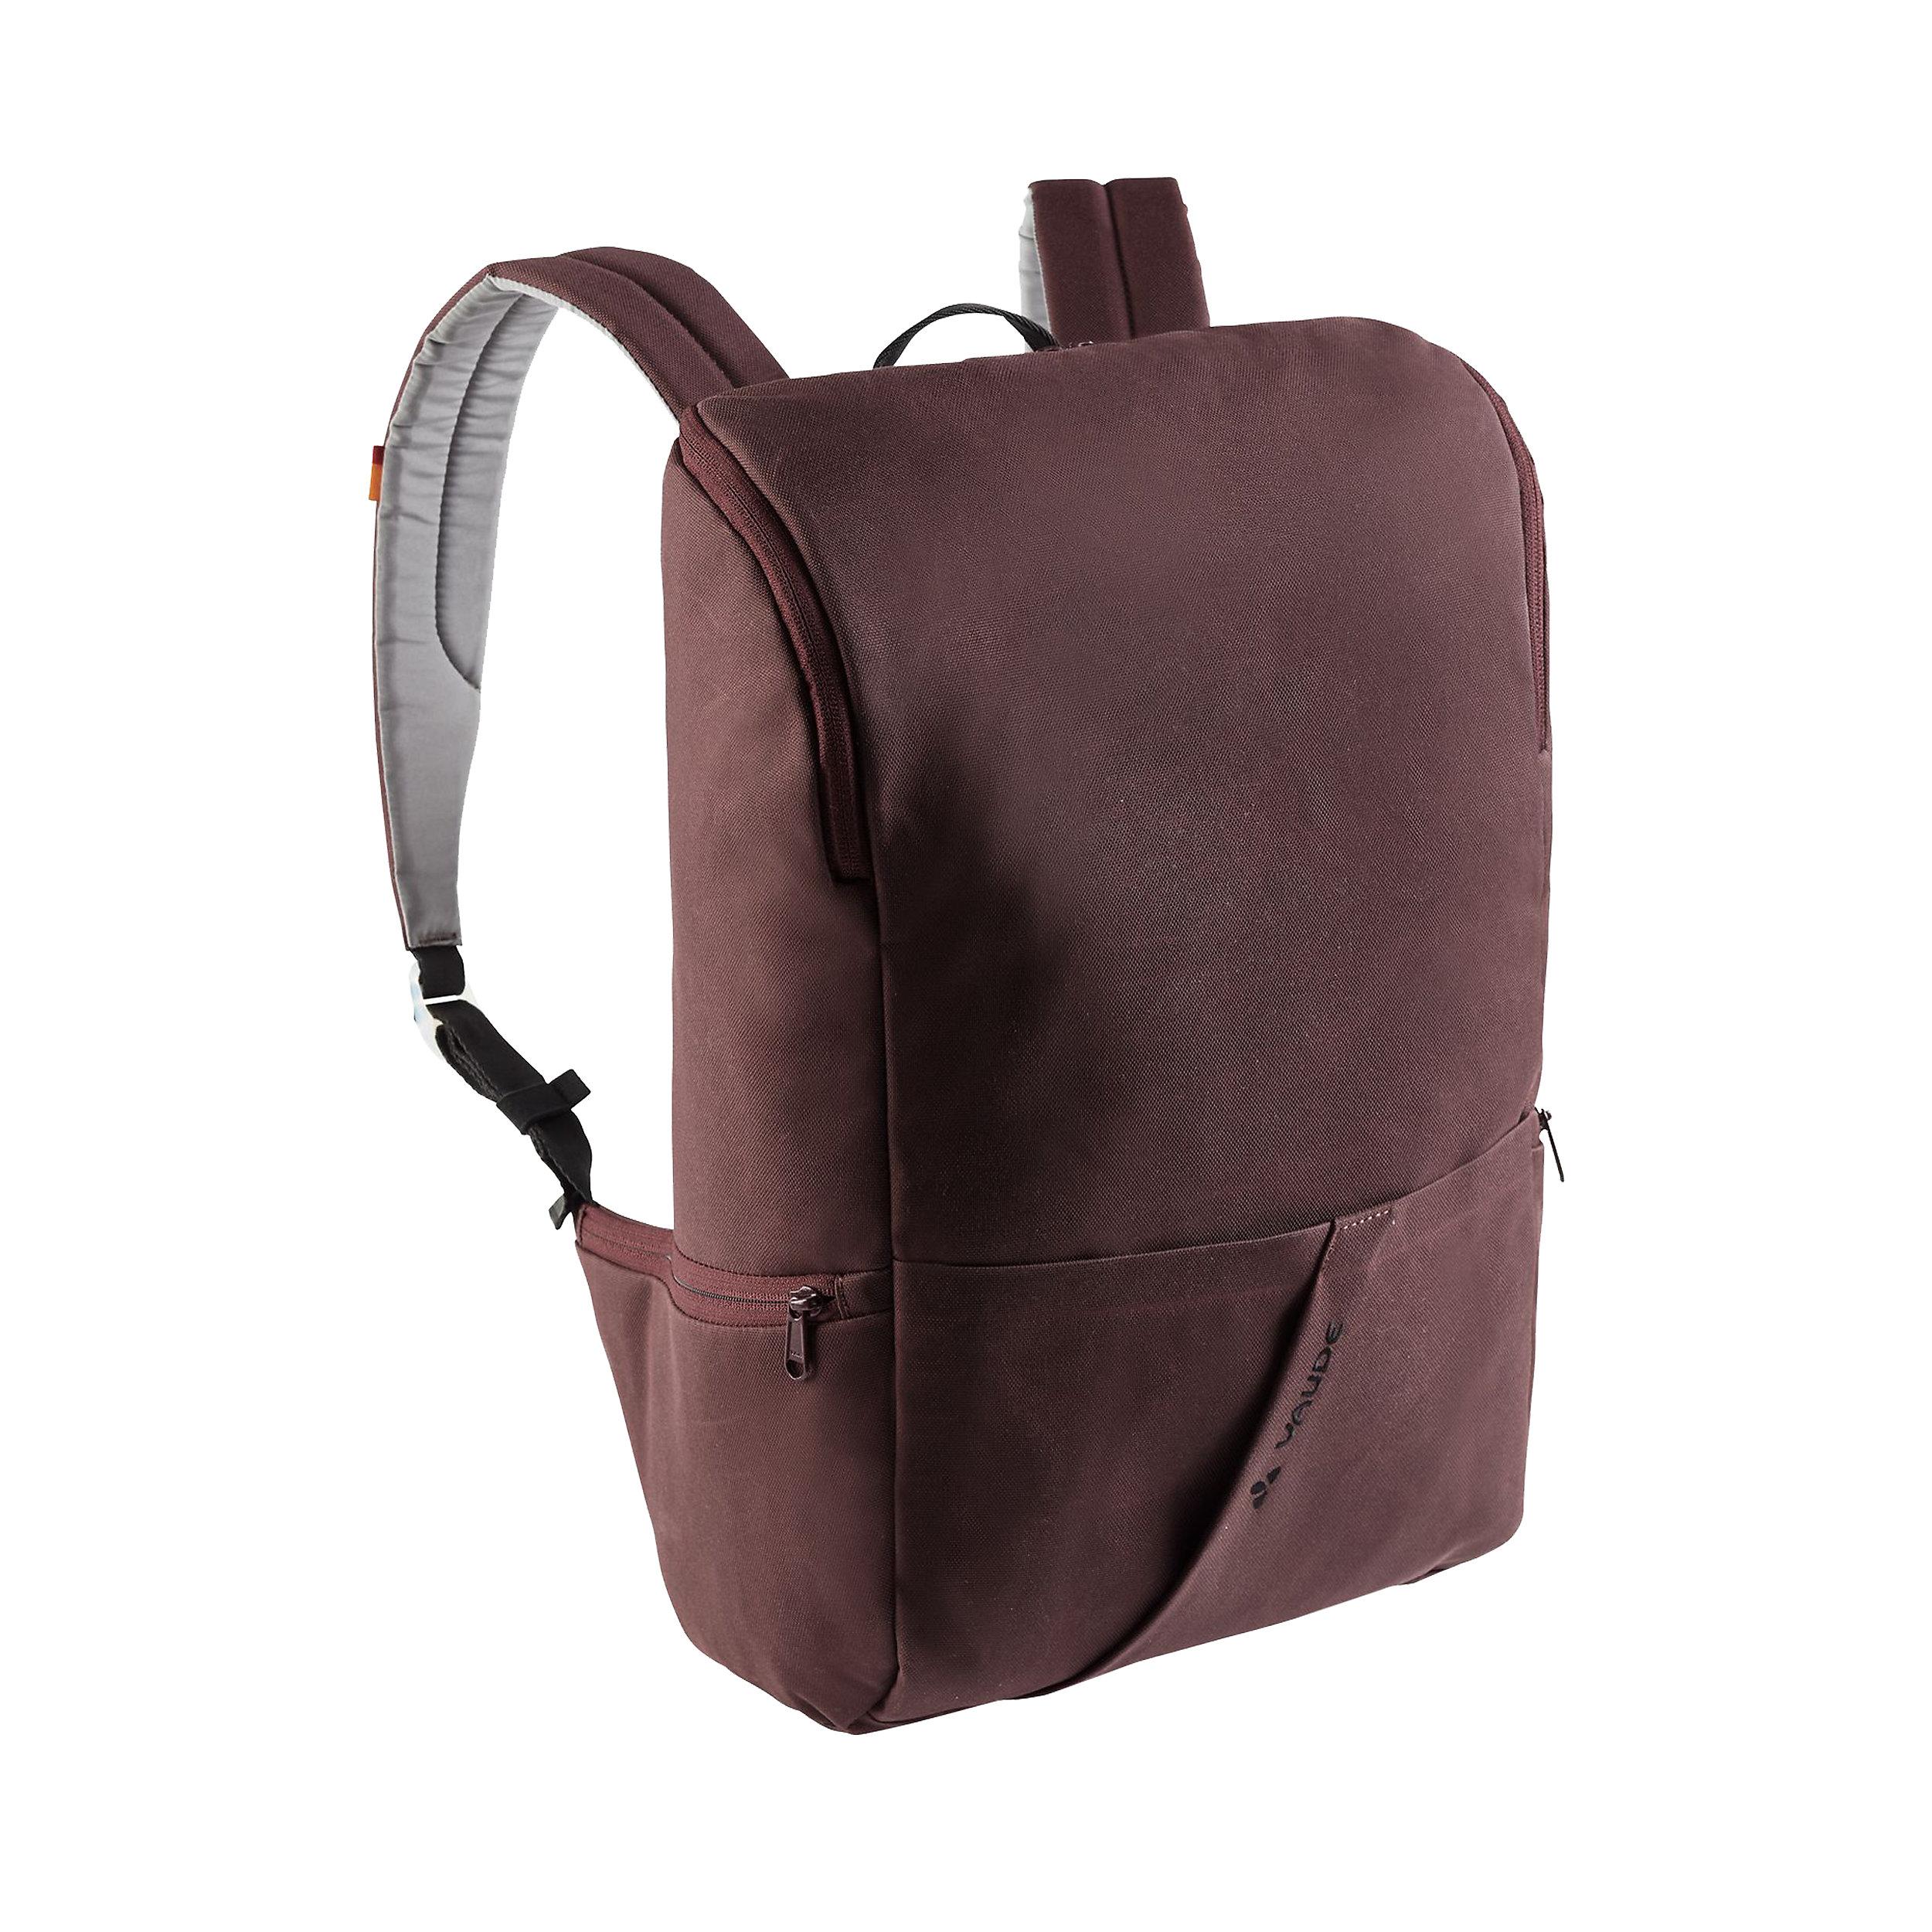 Backpack Aspe 15,6 inch Waxed 17 Liter